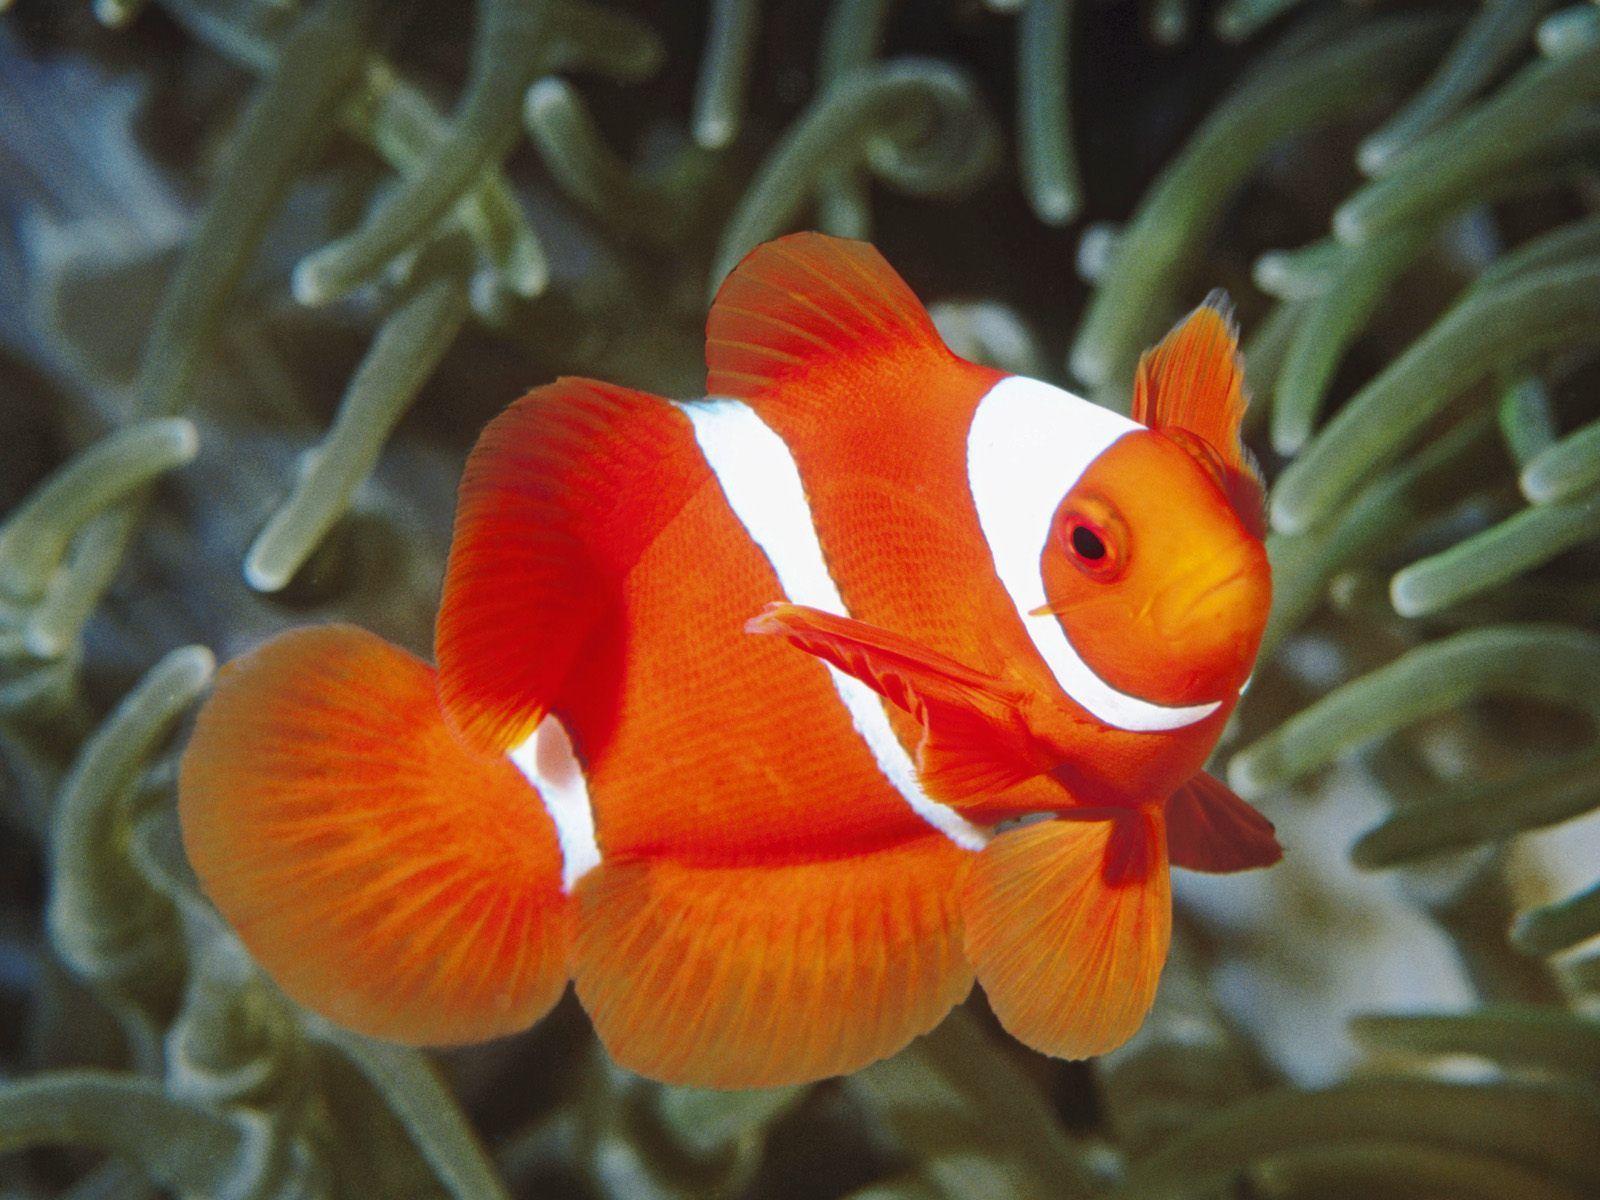 о рыбе клоун с картинками нас представлены качественные